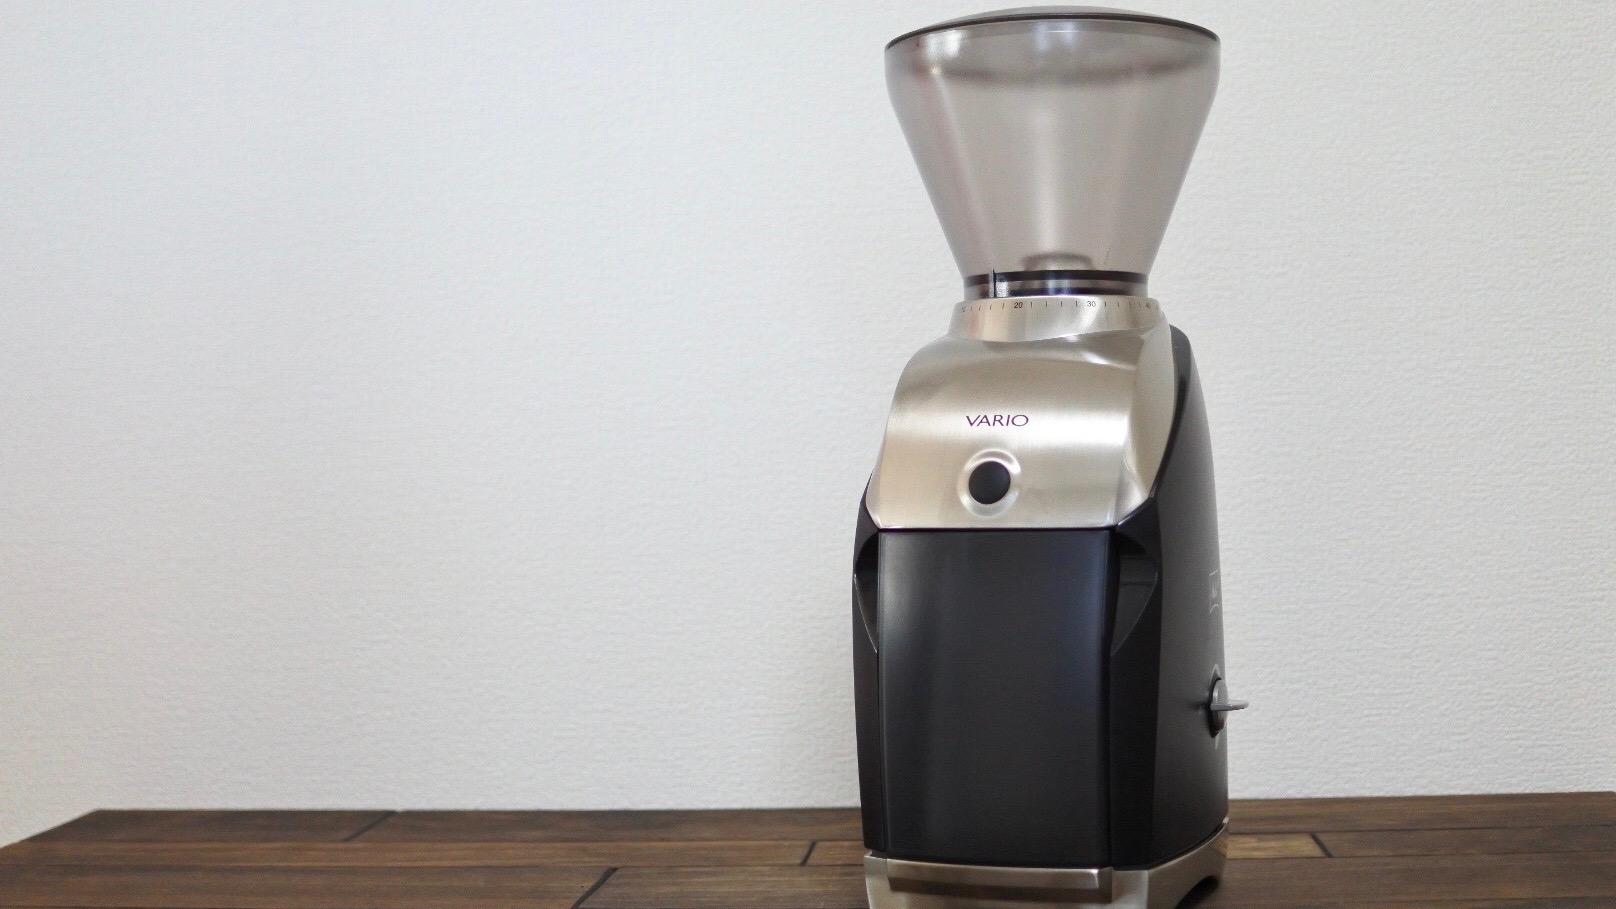 コーヒーグラインダーはこれ1台で完璧!VARIO-V(バリオV)の使用感レポート